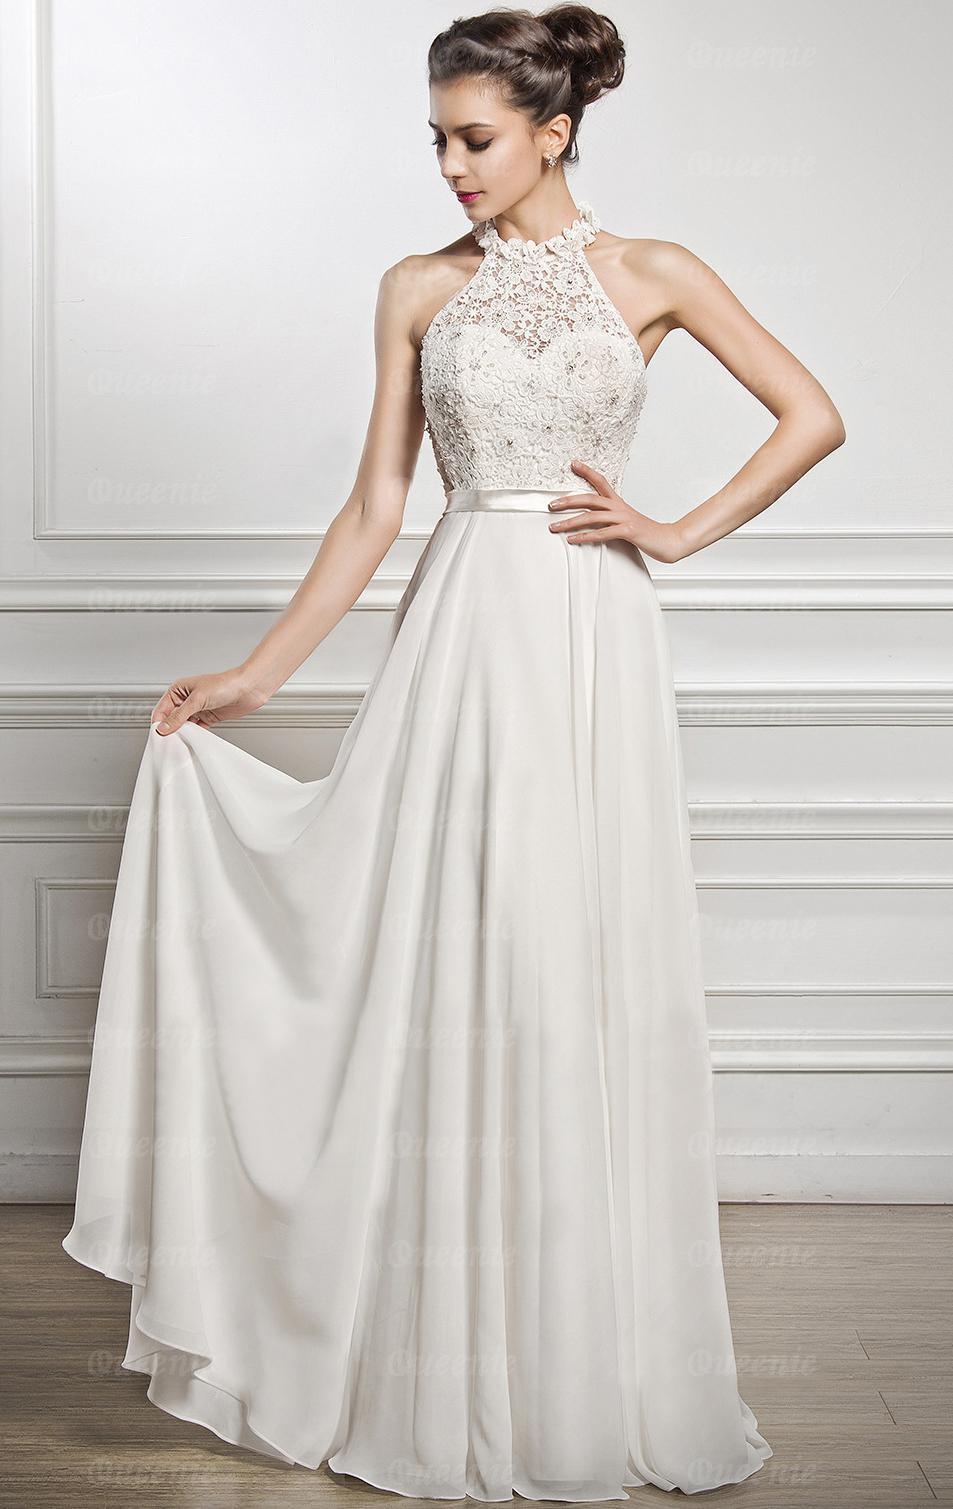 15 Luxurius Abendkleid In Weiß Design13 Luxus Abendkleid In Weiß Boutique